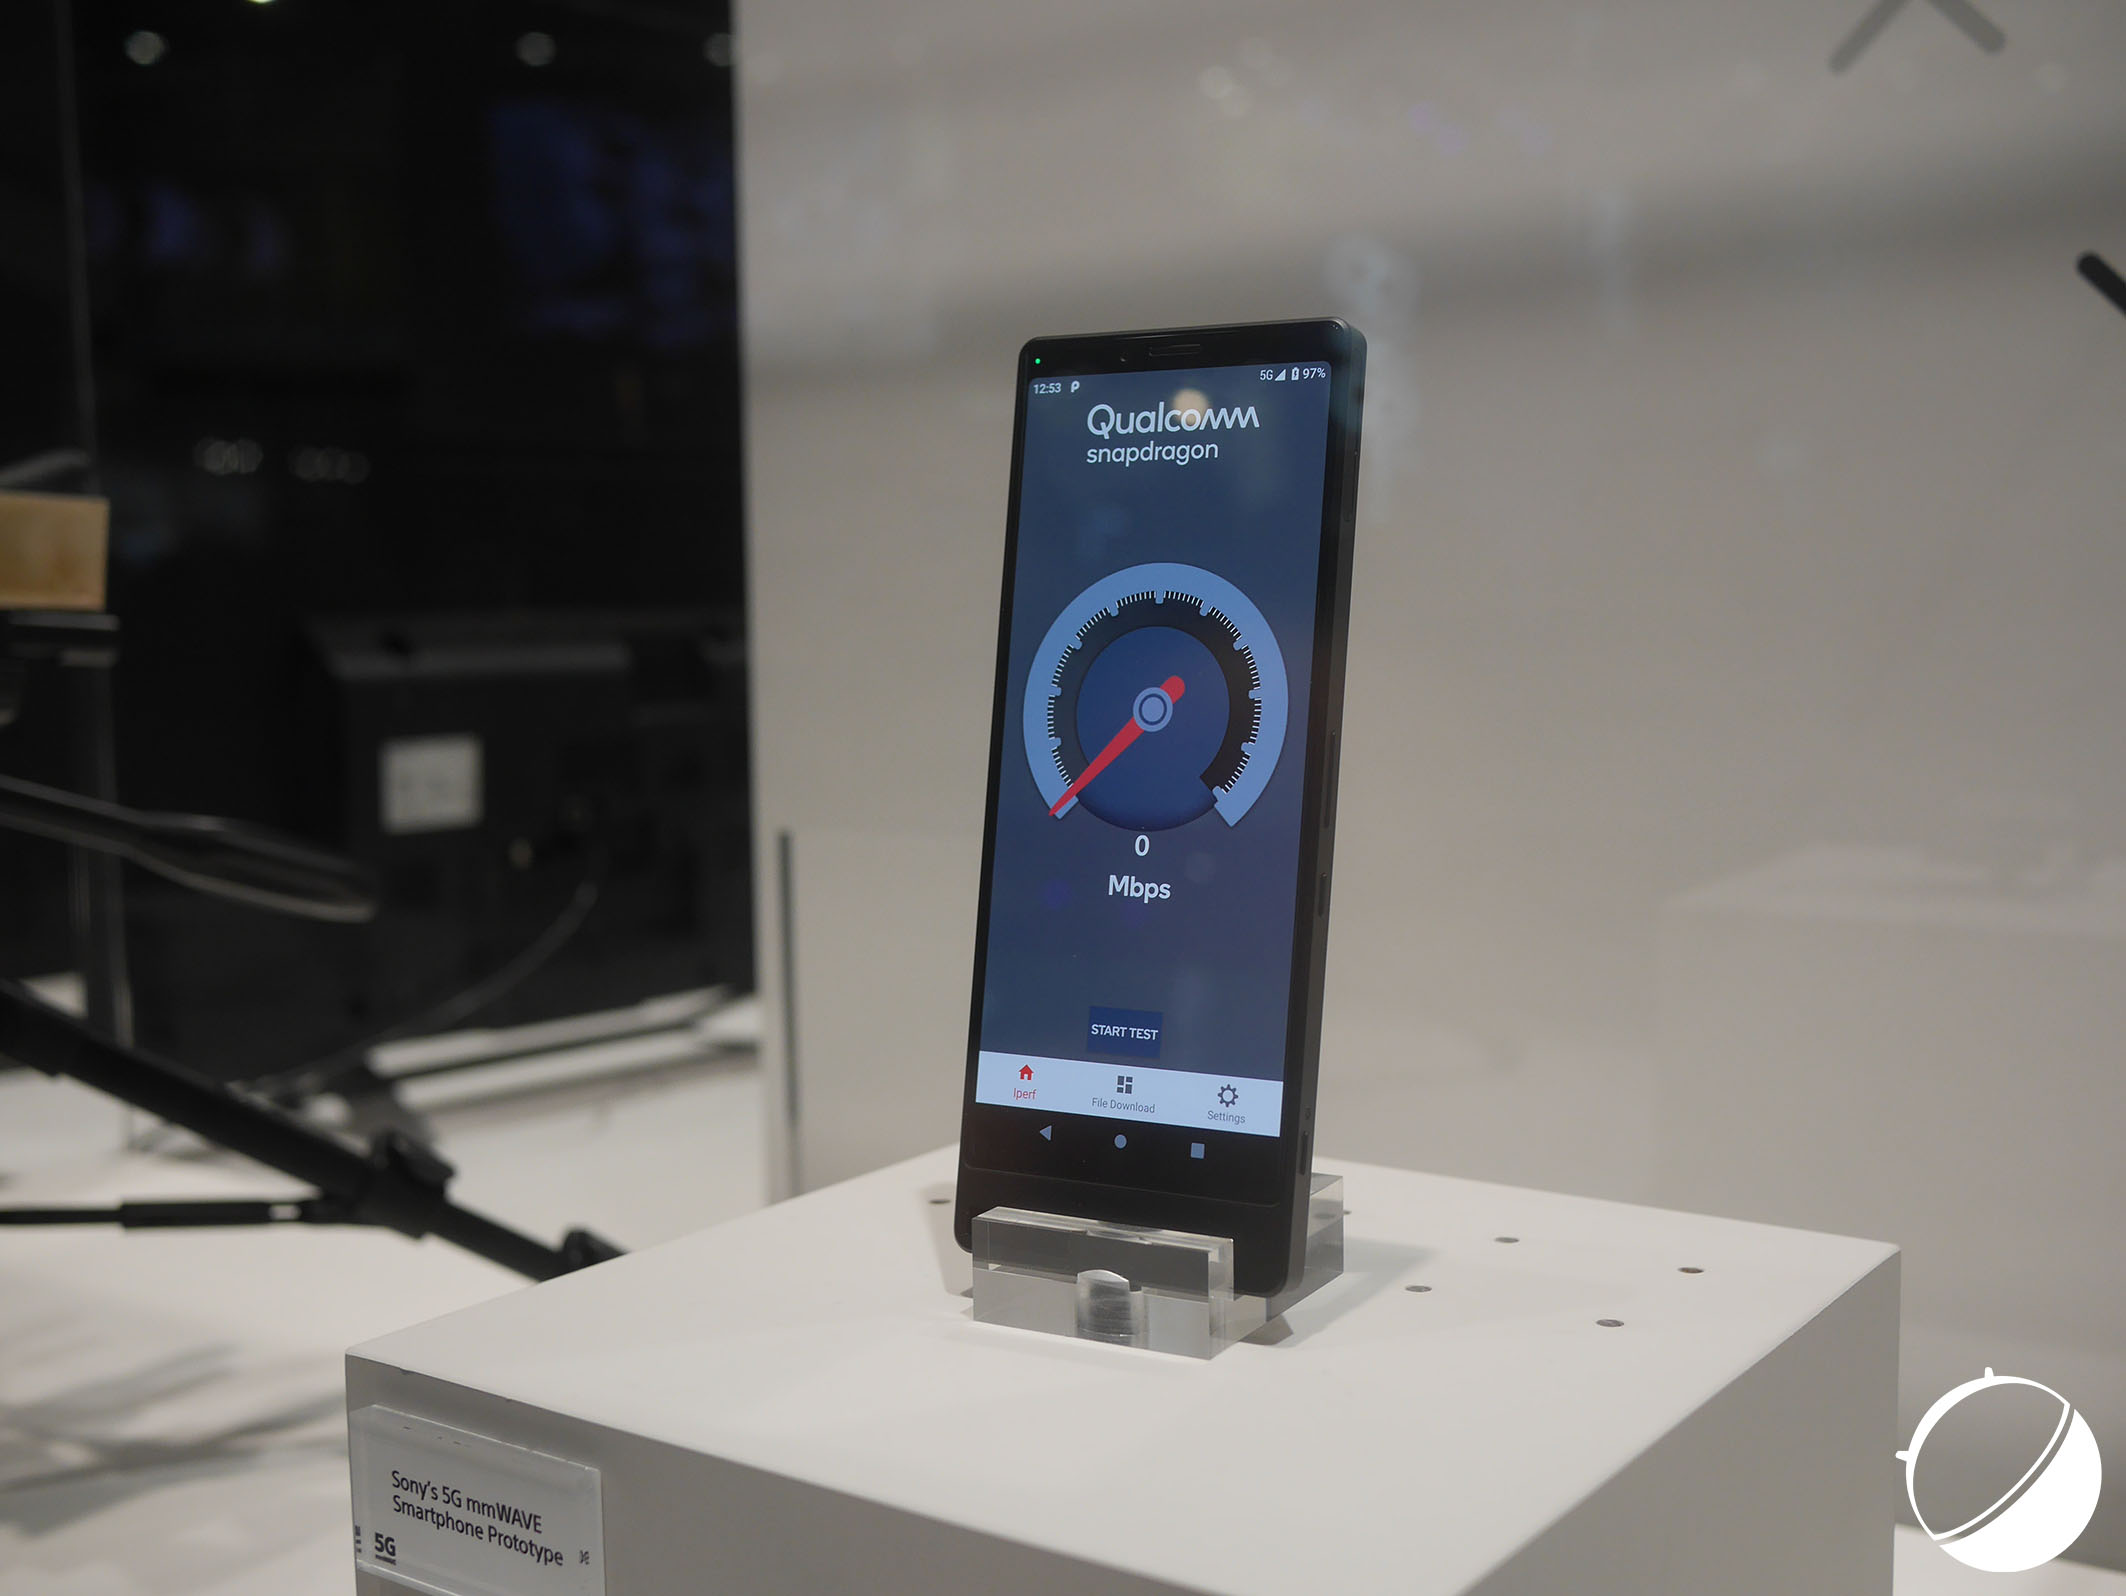 شبكة 5g أو الجيل الخامس متوفرة على Sony 5G Prototype